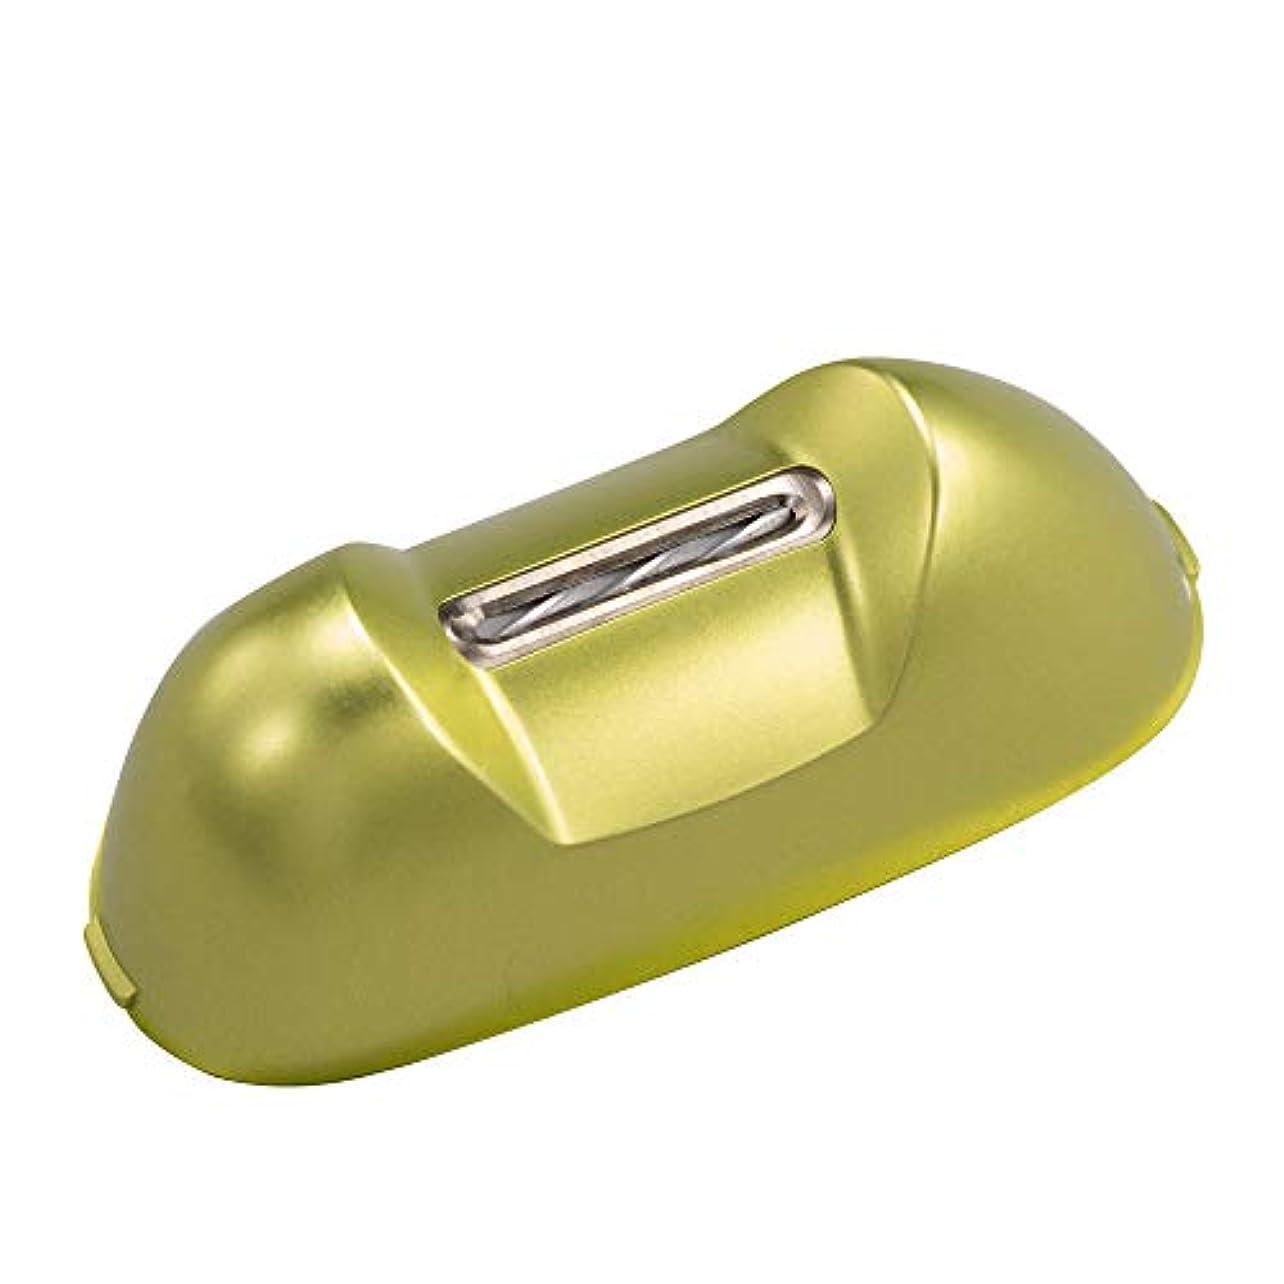 検索エンジン最適化ブロー底マリン商事 電動爪削りLeaf 専用爪切りカッターヘッド 替刃 El-90165